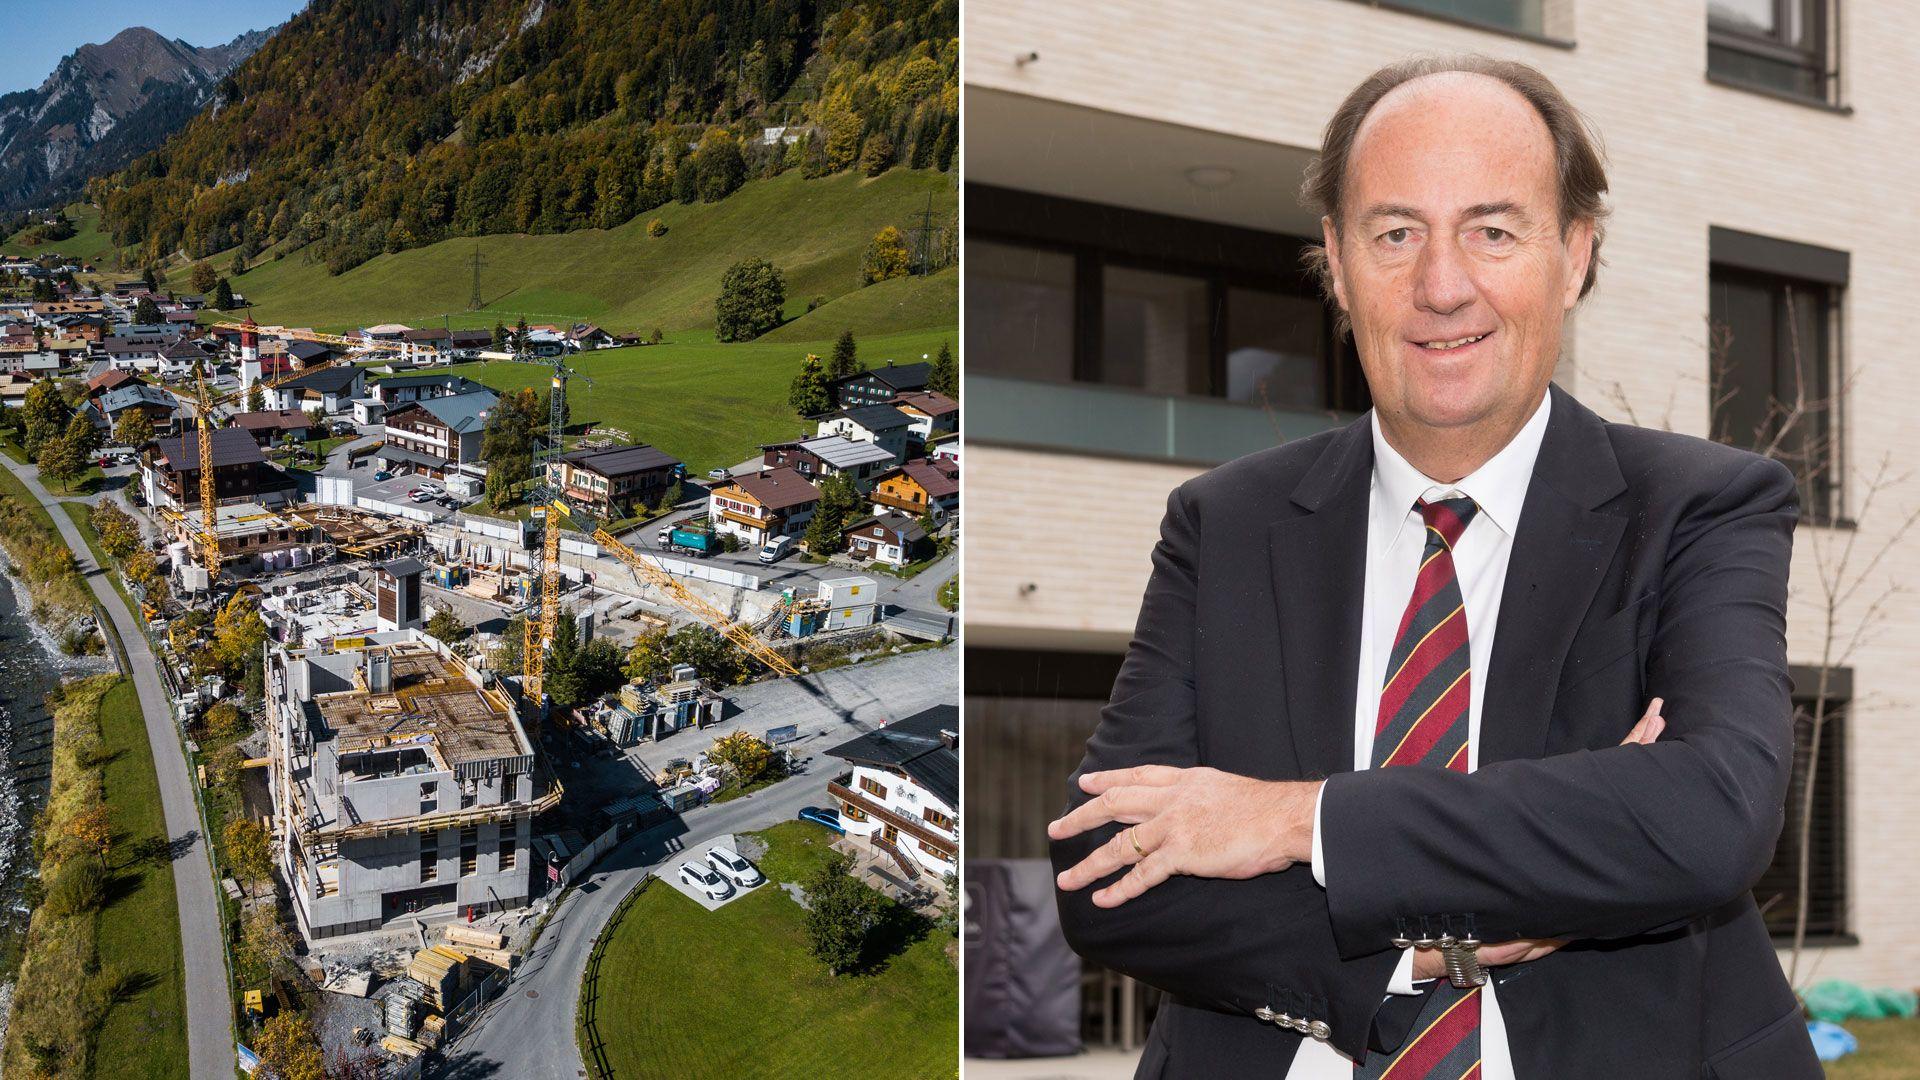 Vorarlberg: Jede Menge Luxus im stillen Bergdorf